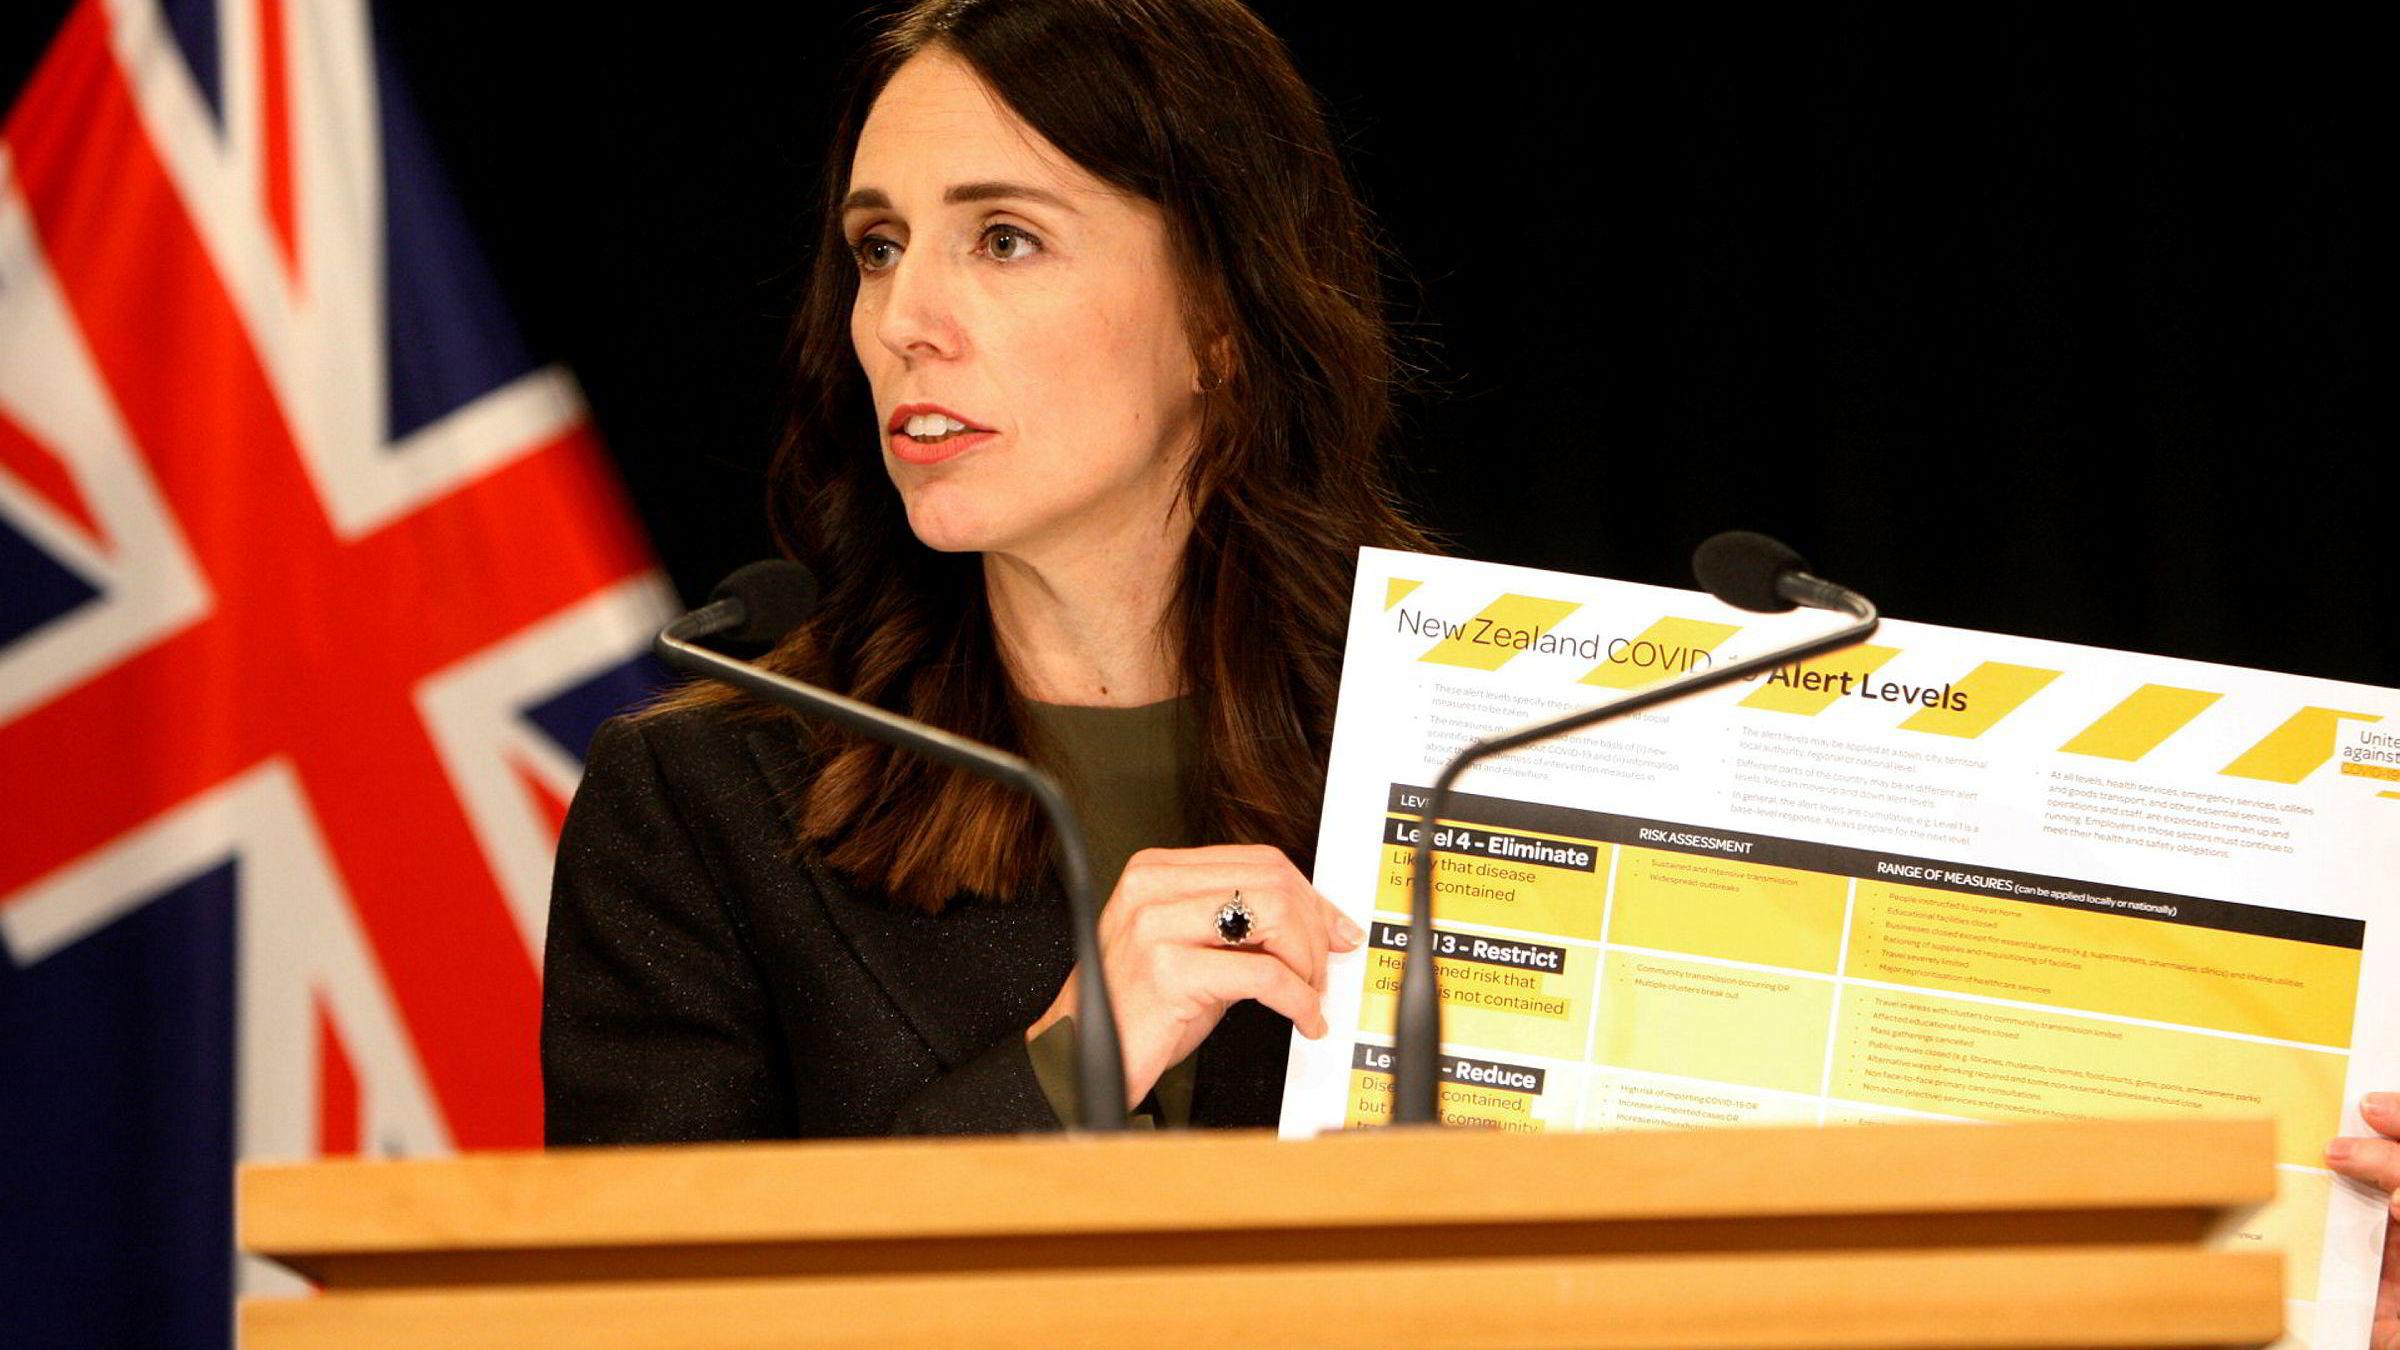 New Zealands statsminister Jacinda Ardern innførte onsdag unntakstilstand etter at antallet koronasmittede i landet passerte 205 bekreftede tilfeller. Allerede mandag varslet statslederen en full lukking av samfunnet, noe som ble gjentatt etter nye smittetall onsdag